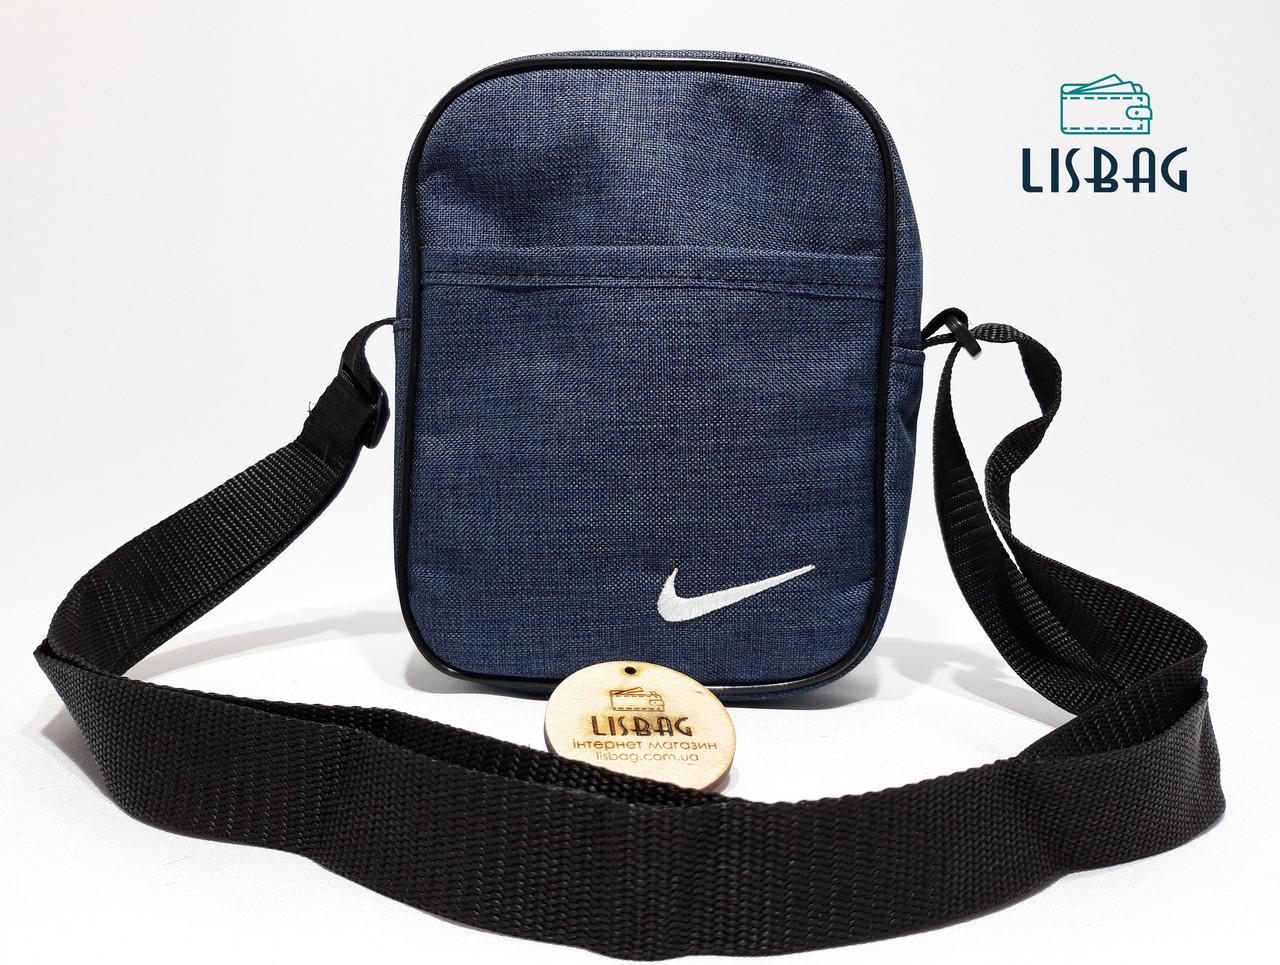 09db26ed1819 ... Мужская сумка планшетка/мессенджер через плечо Nike копия, Синяя, фото 4  ...